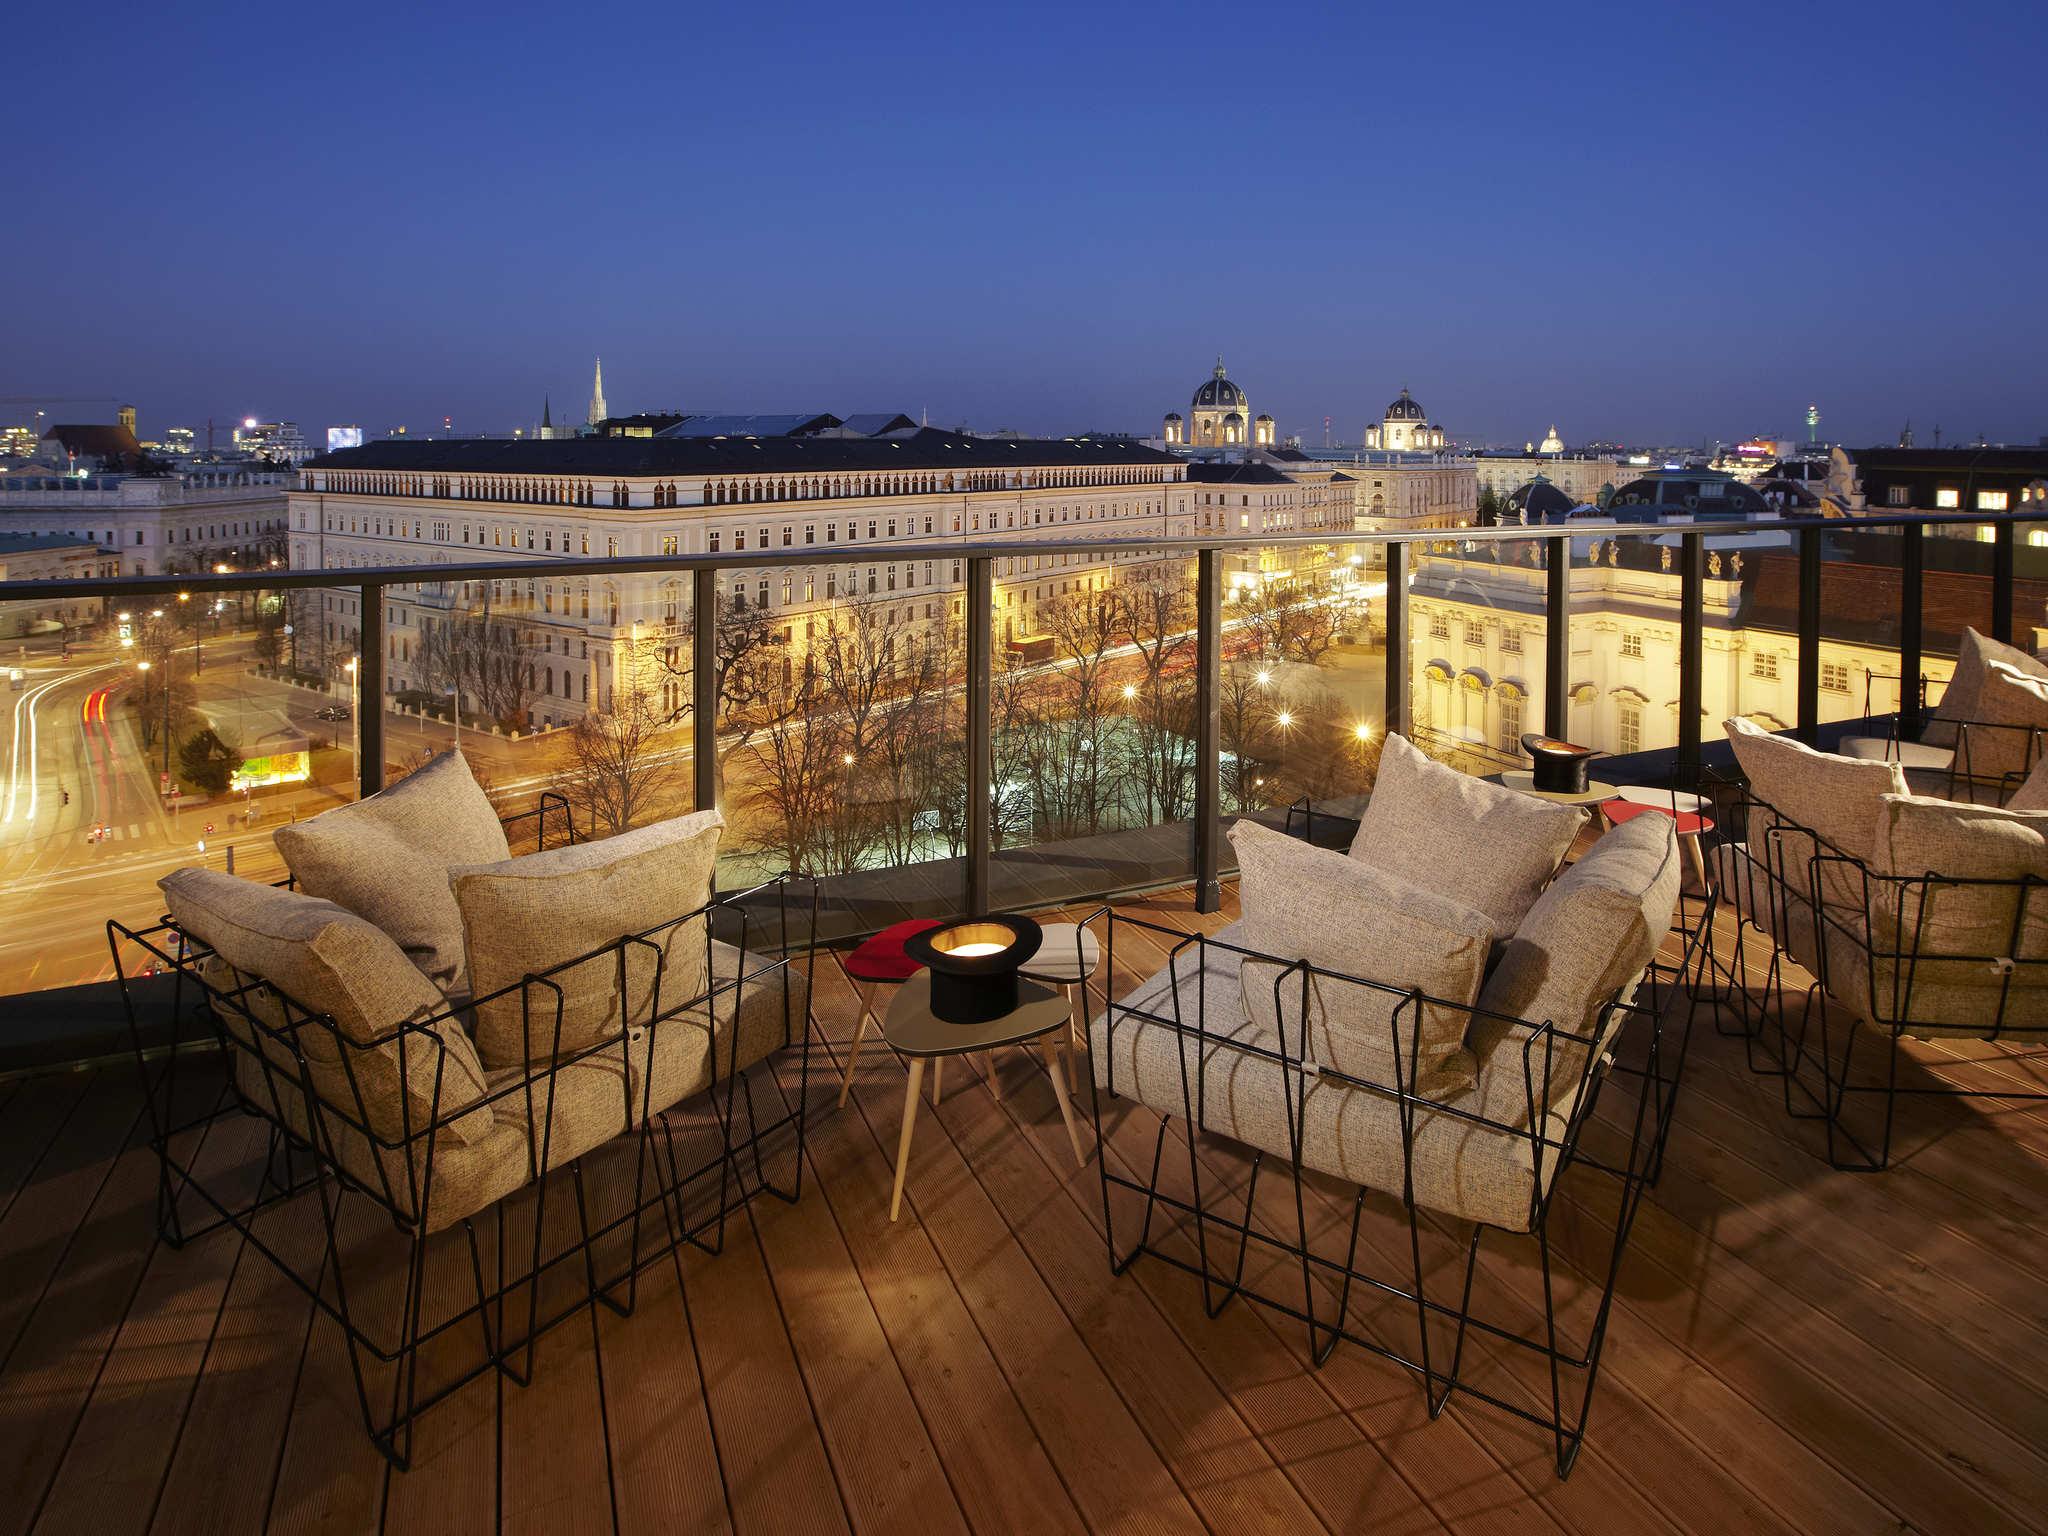 فندق - فندق 25 أورز فيينا في ميوزيومز كارتييه